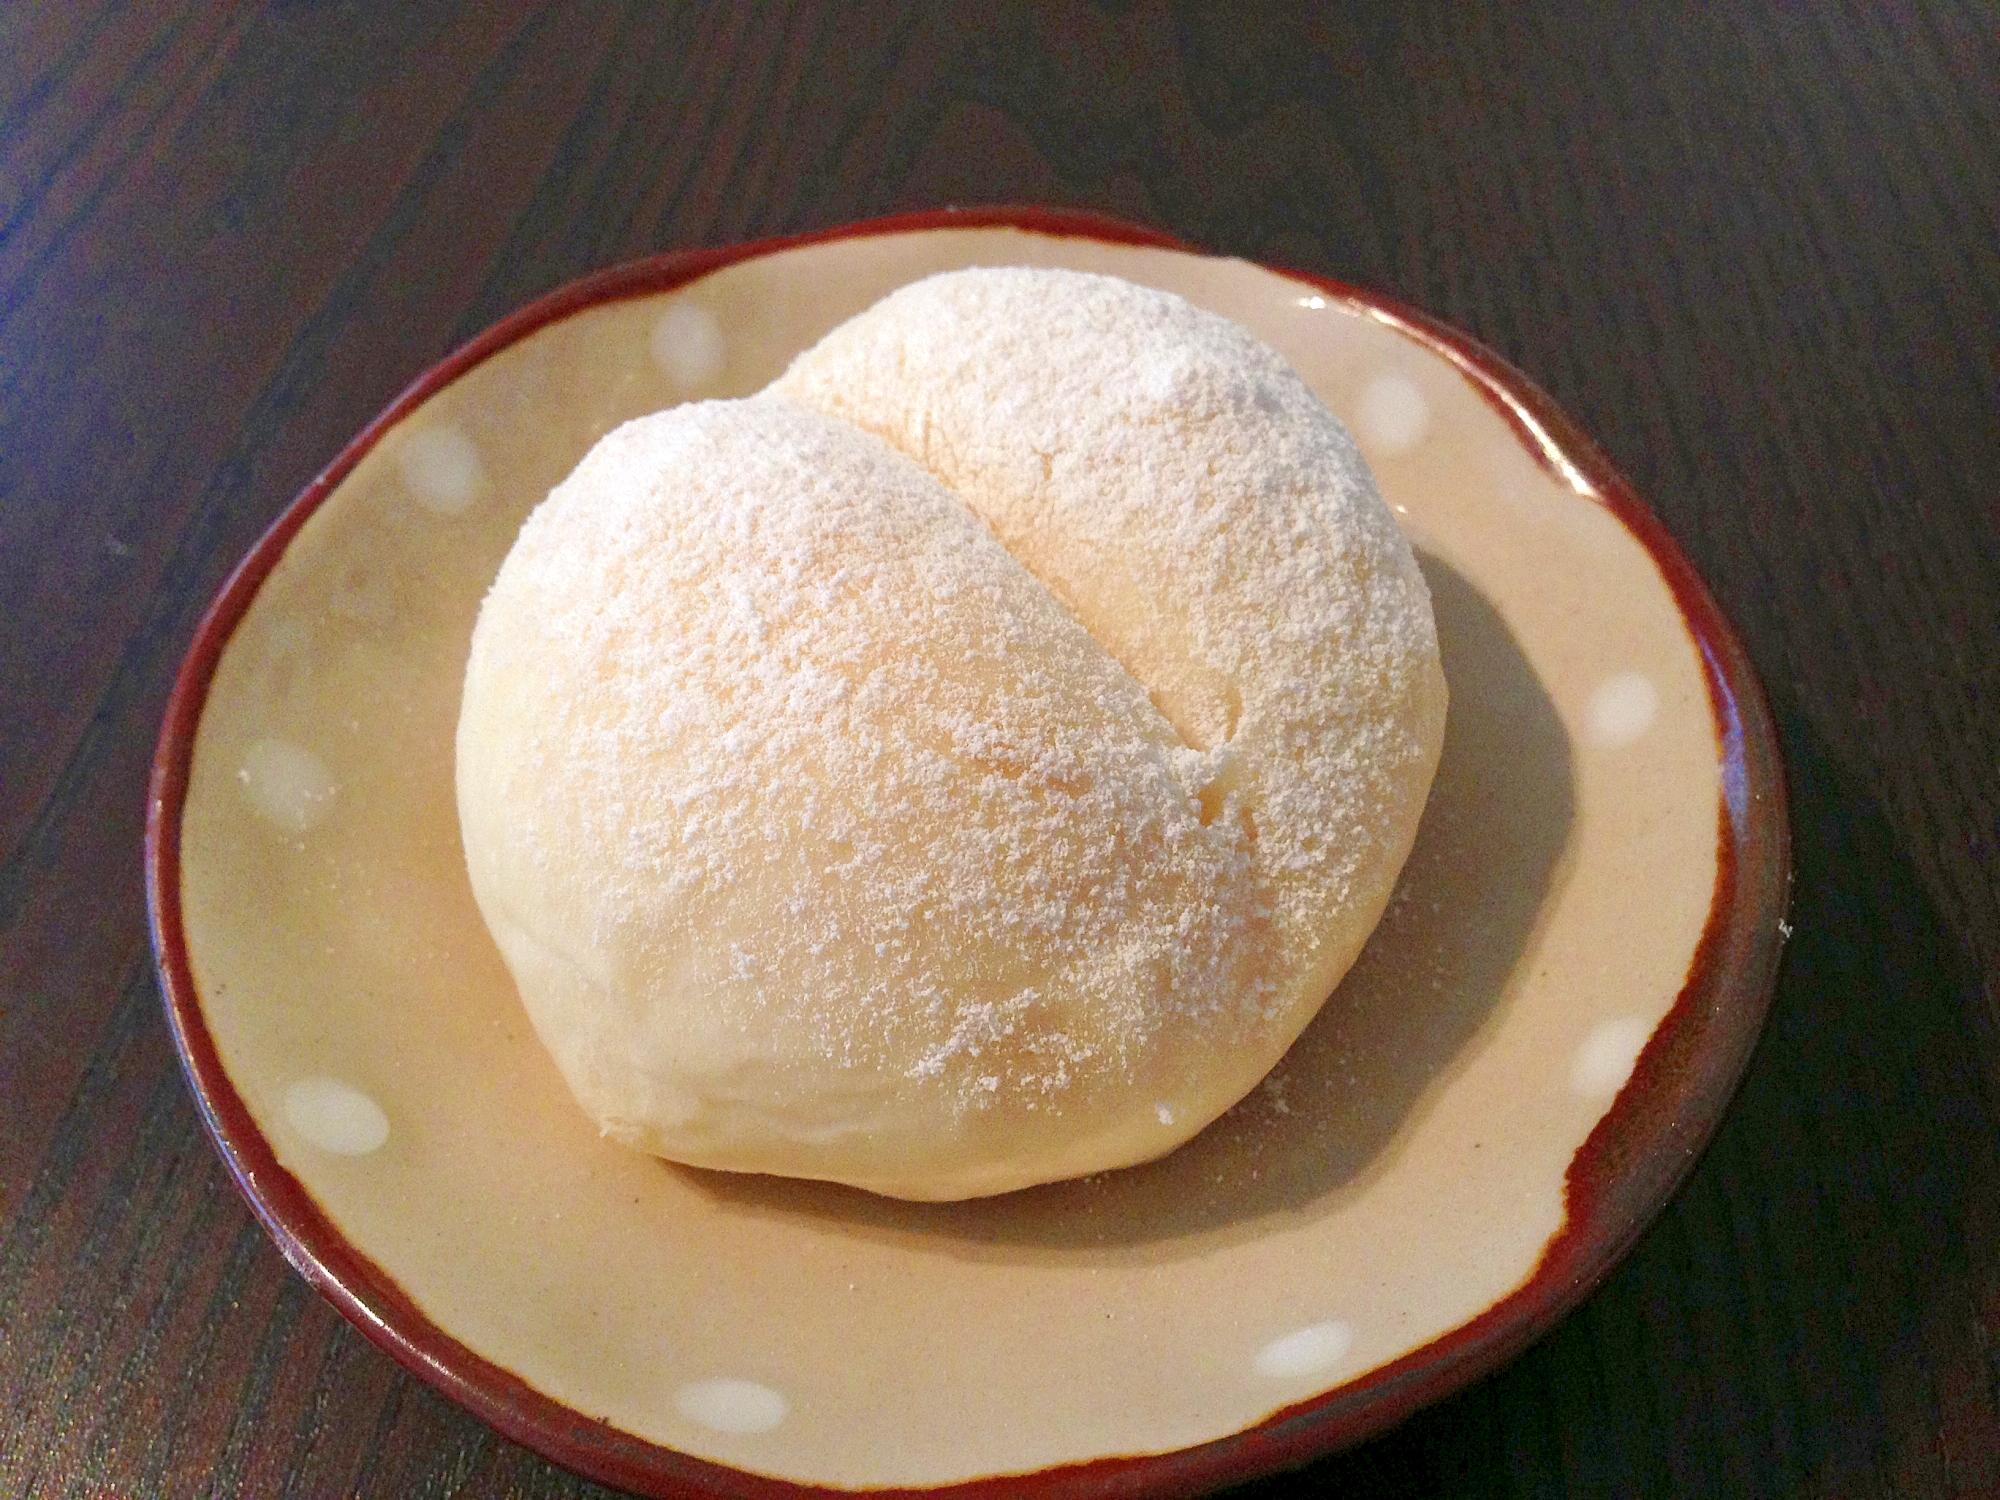 ノンオイルでヘルシー♪かわいい白パン